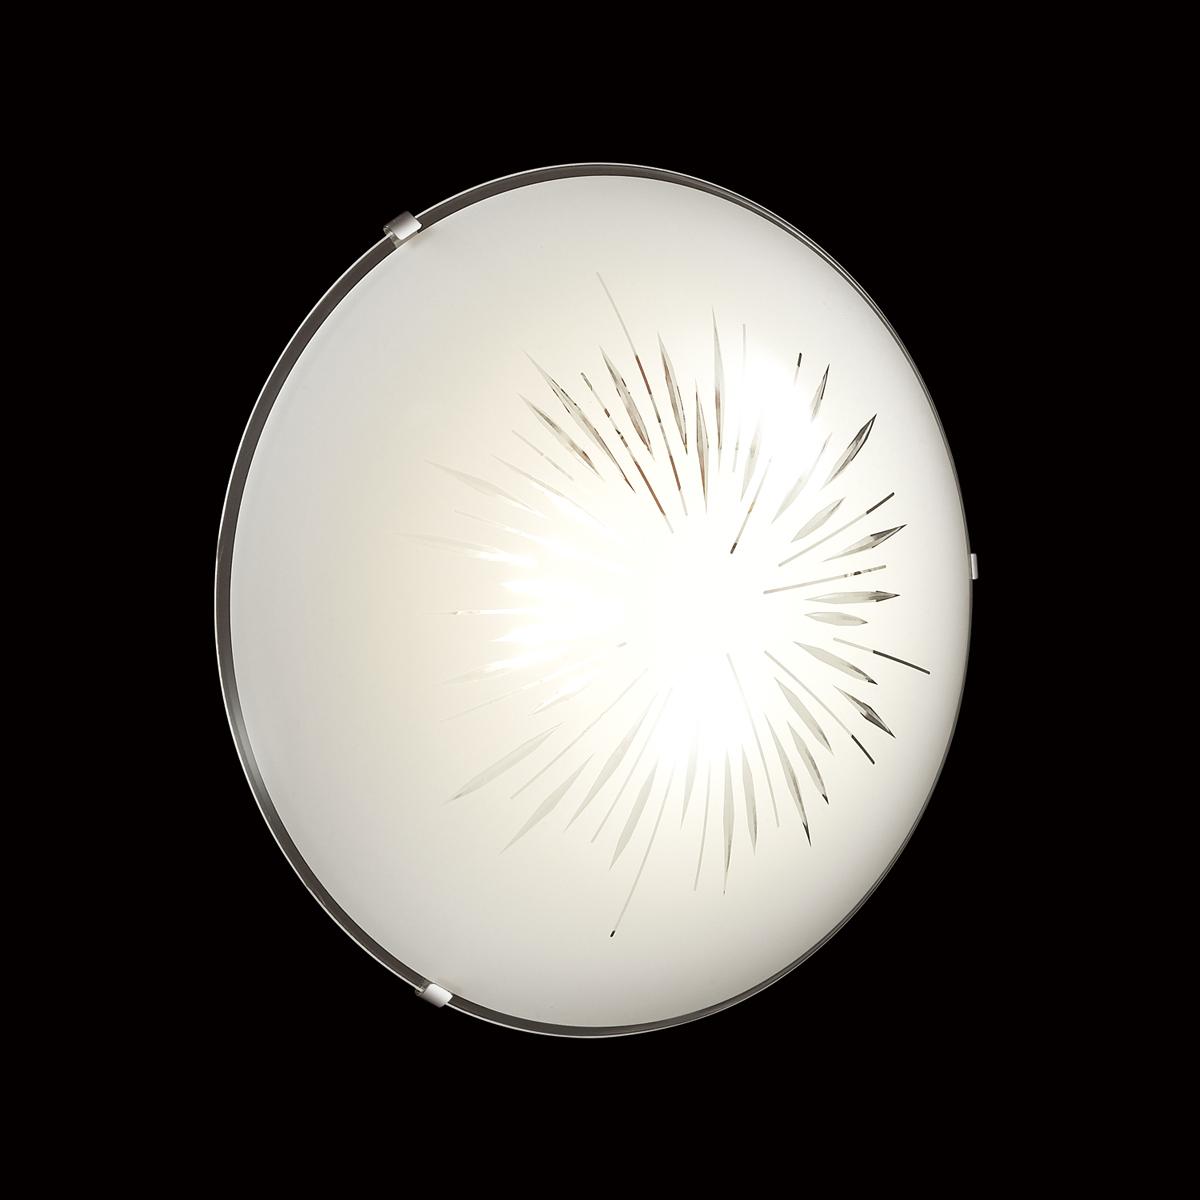 Потолочный светодиодный светильник Sonex Lukka 2064/DL, LED 48W, хром, матовый, прозрачный, металл, стекло - фото 5